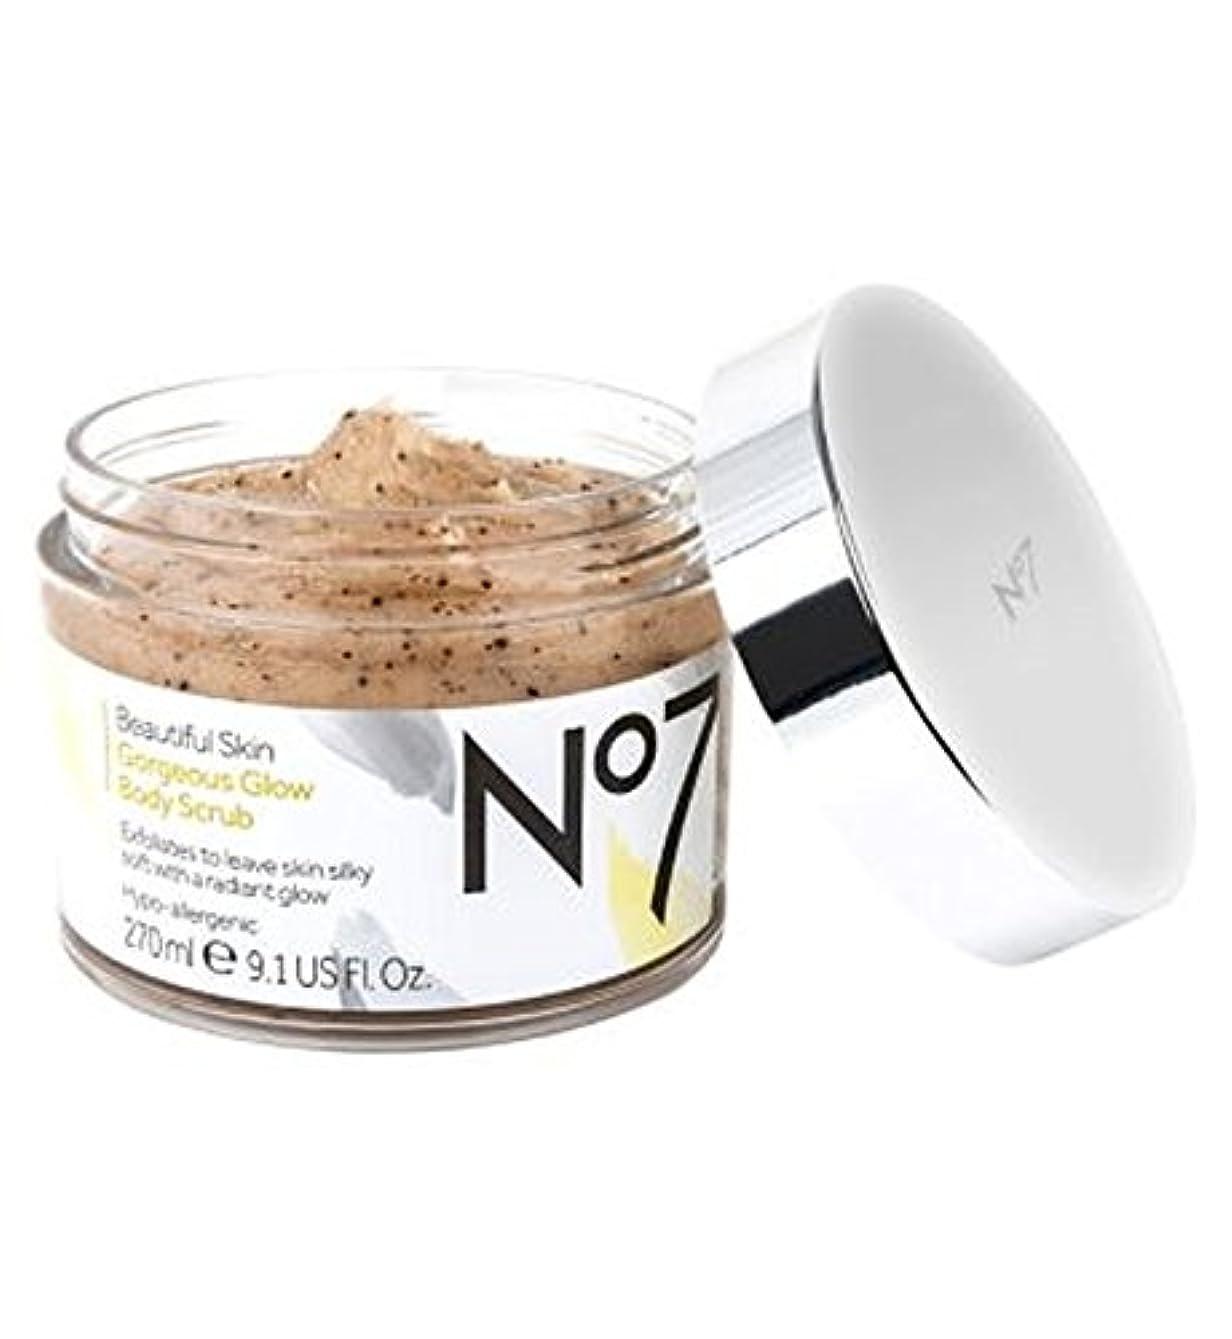 ビリーヤギあざ淡いNo7 Beautiful Skin Gorgeous Glow Body Scrub - No7美しい肌ゴージャスな輝きボディスクラブ (No7) [並行輸入品]